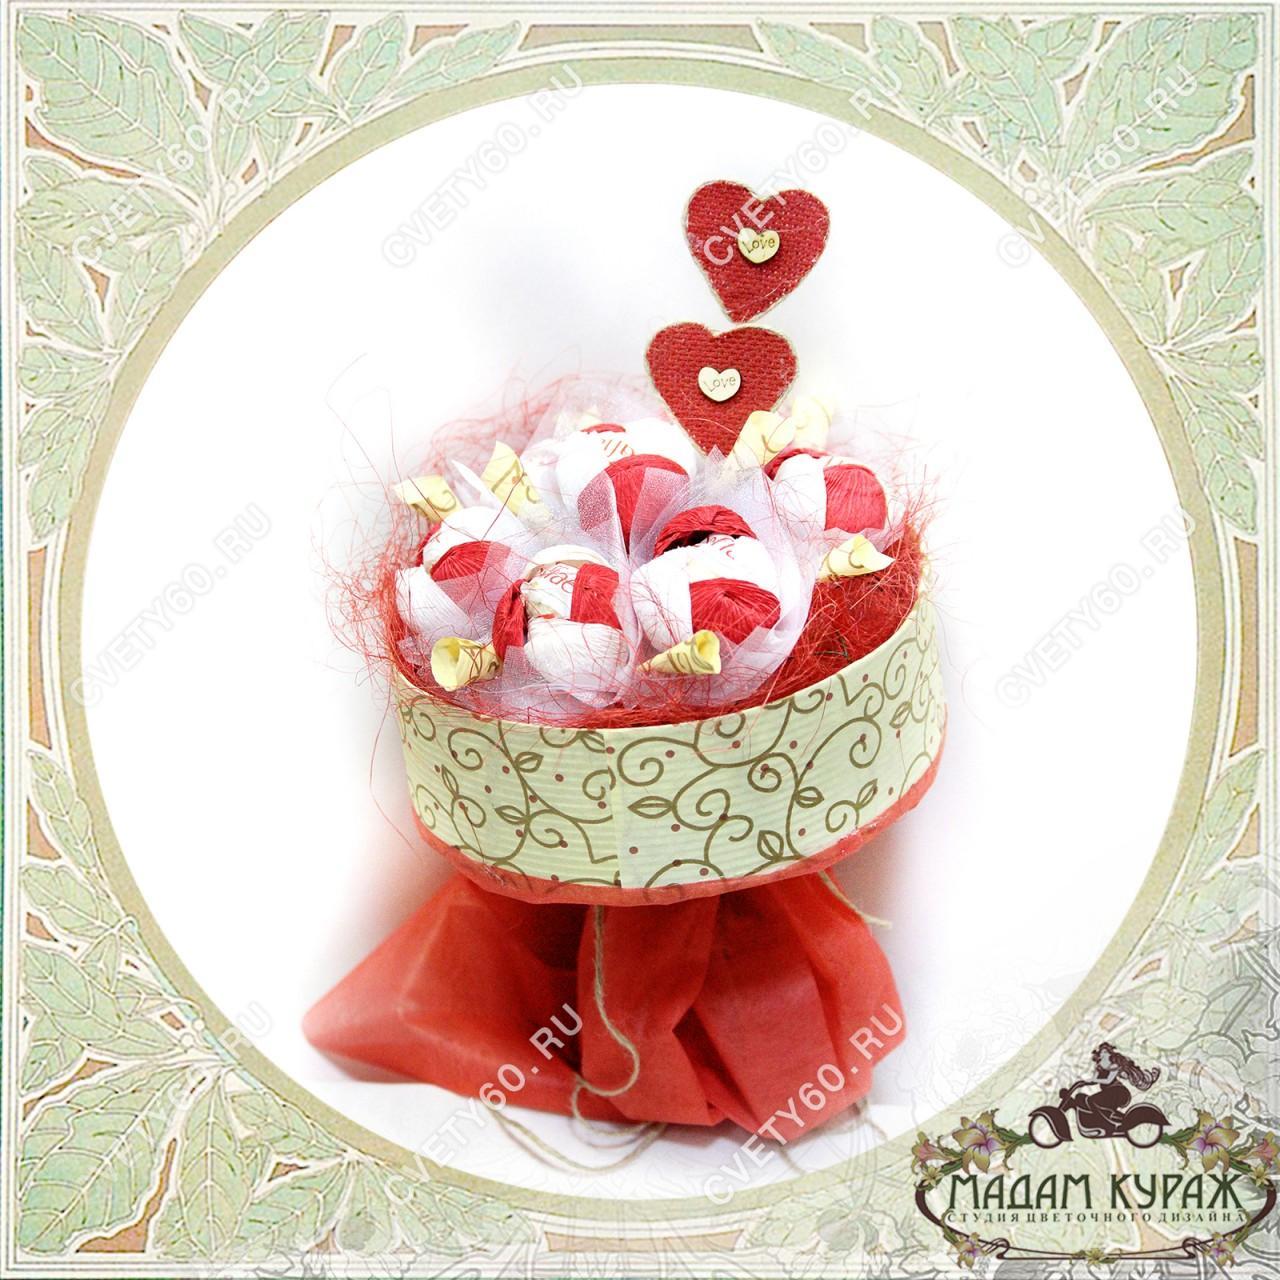 Букет из конфет к Дню Влюбленных в Пскове Открытка